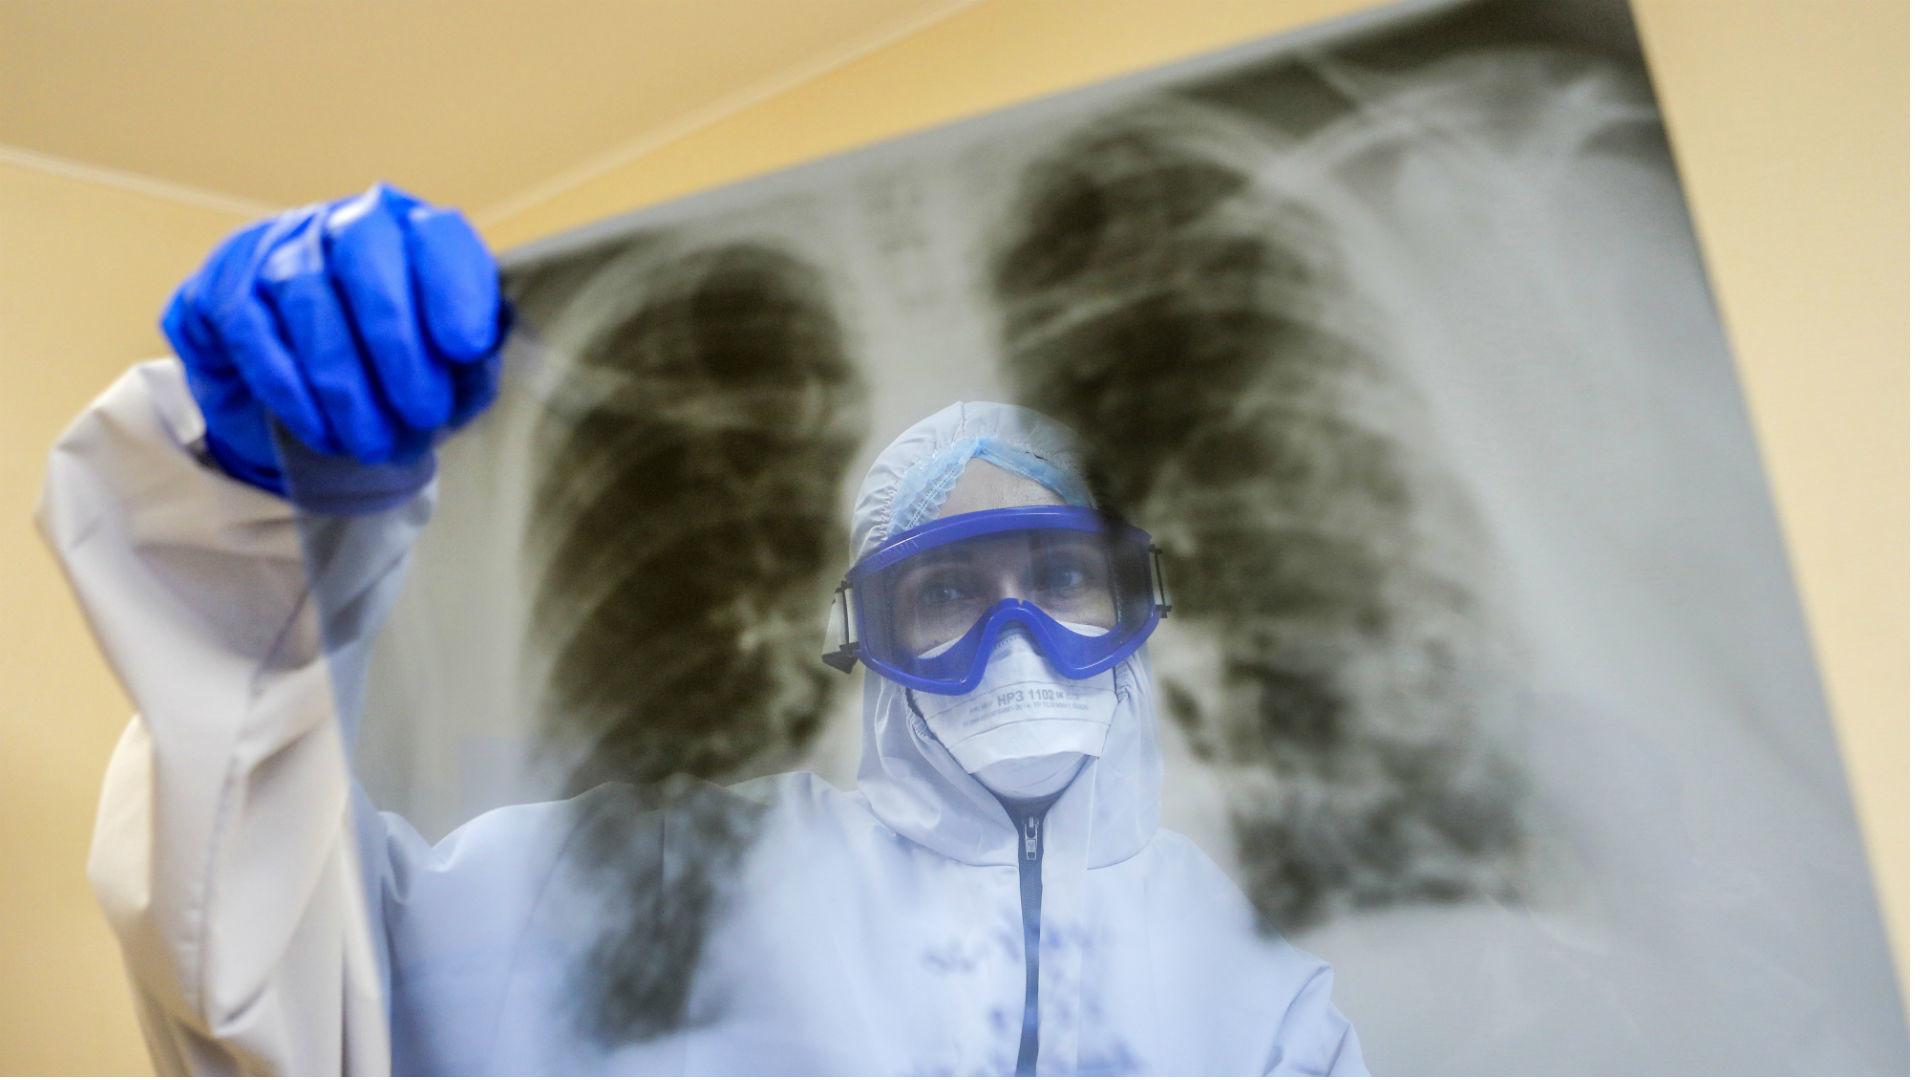 Regionlarda ödənişsiz döş qəfəsinin rentgen müayinələri təşkil edilib